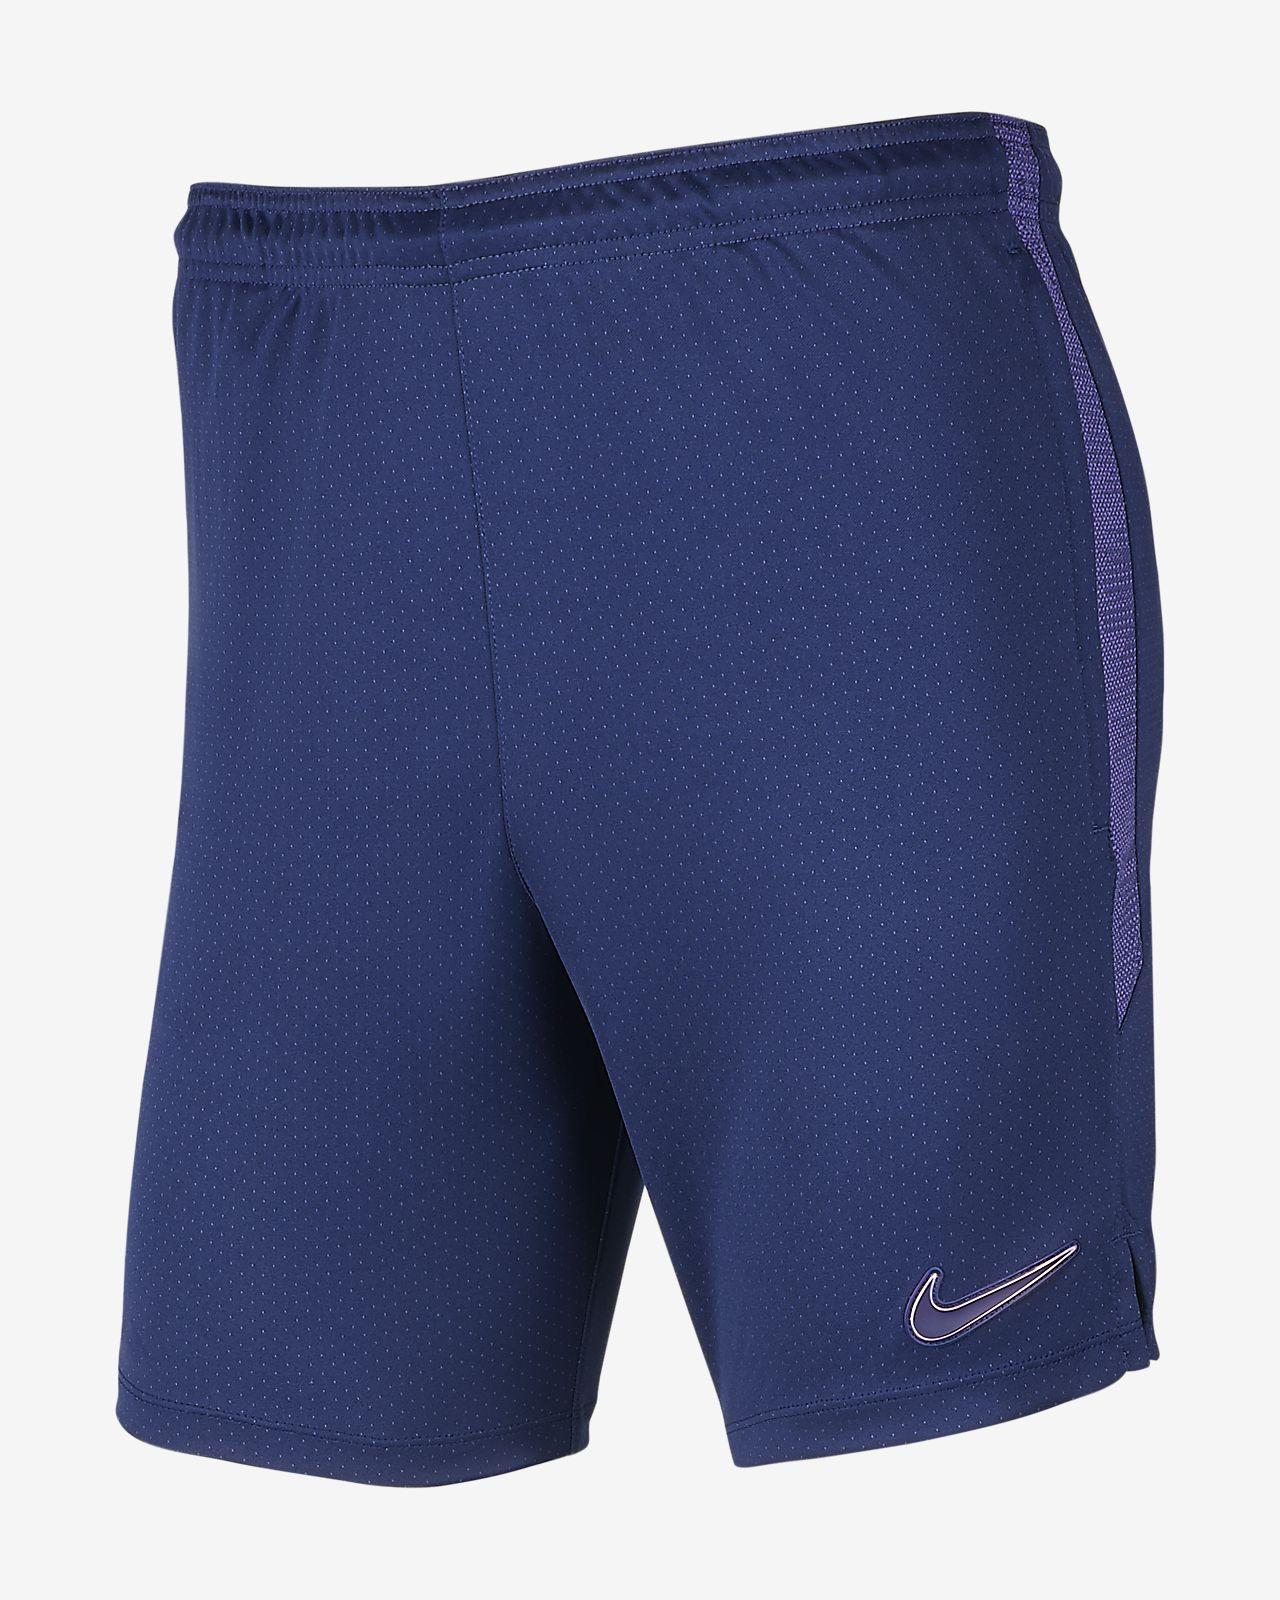 Shorts de fútbol para hombre Nike Dri-FIT Tottenham Hotspur